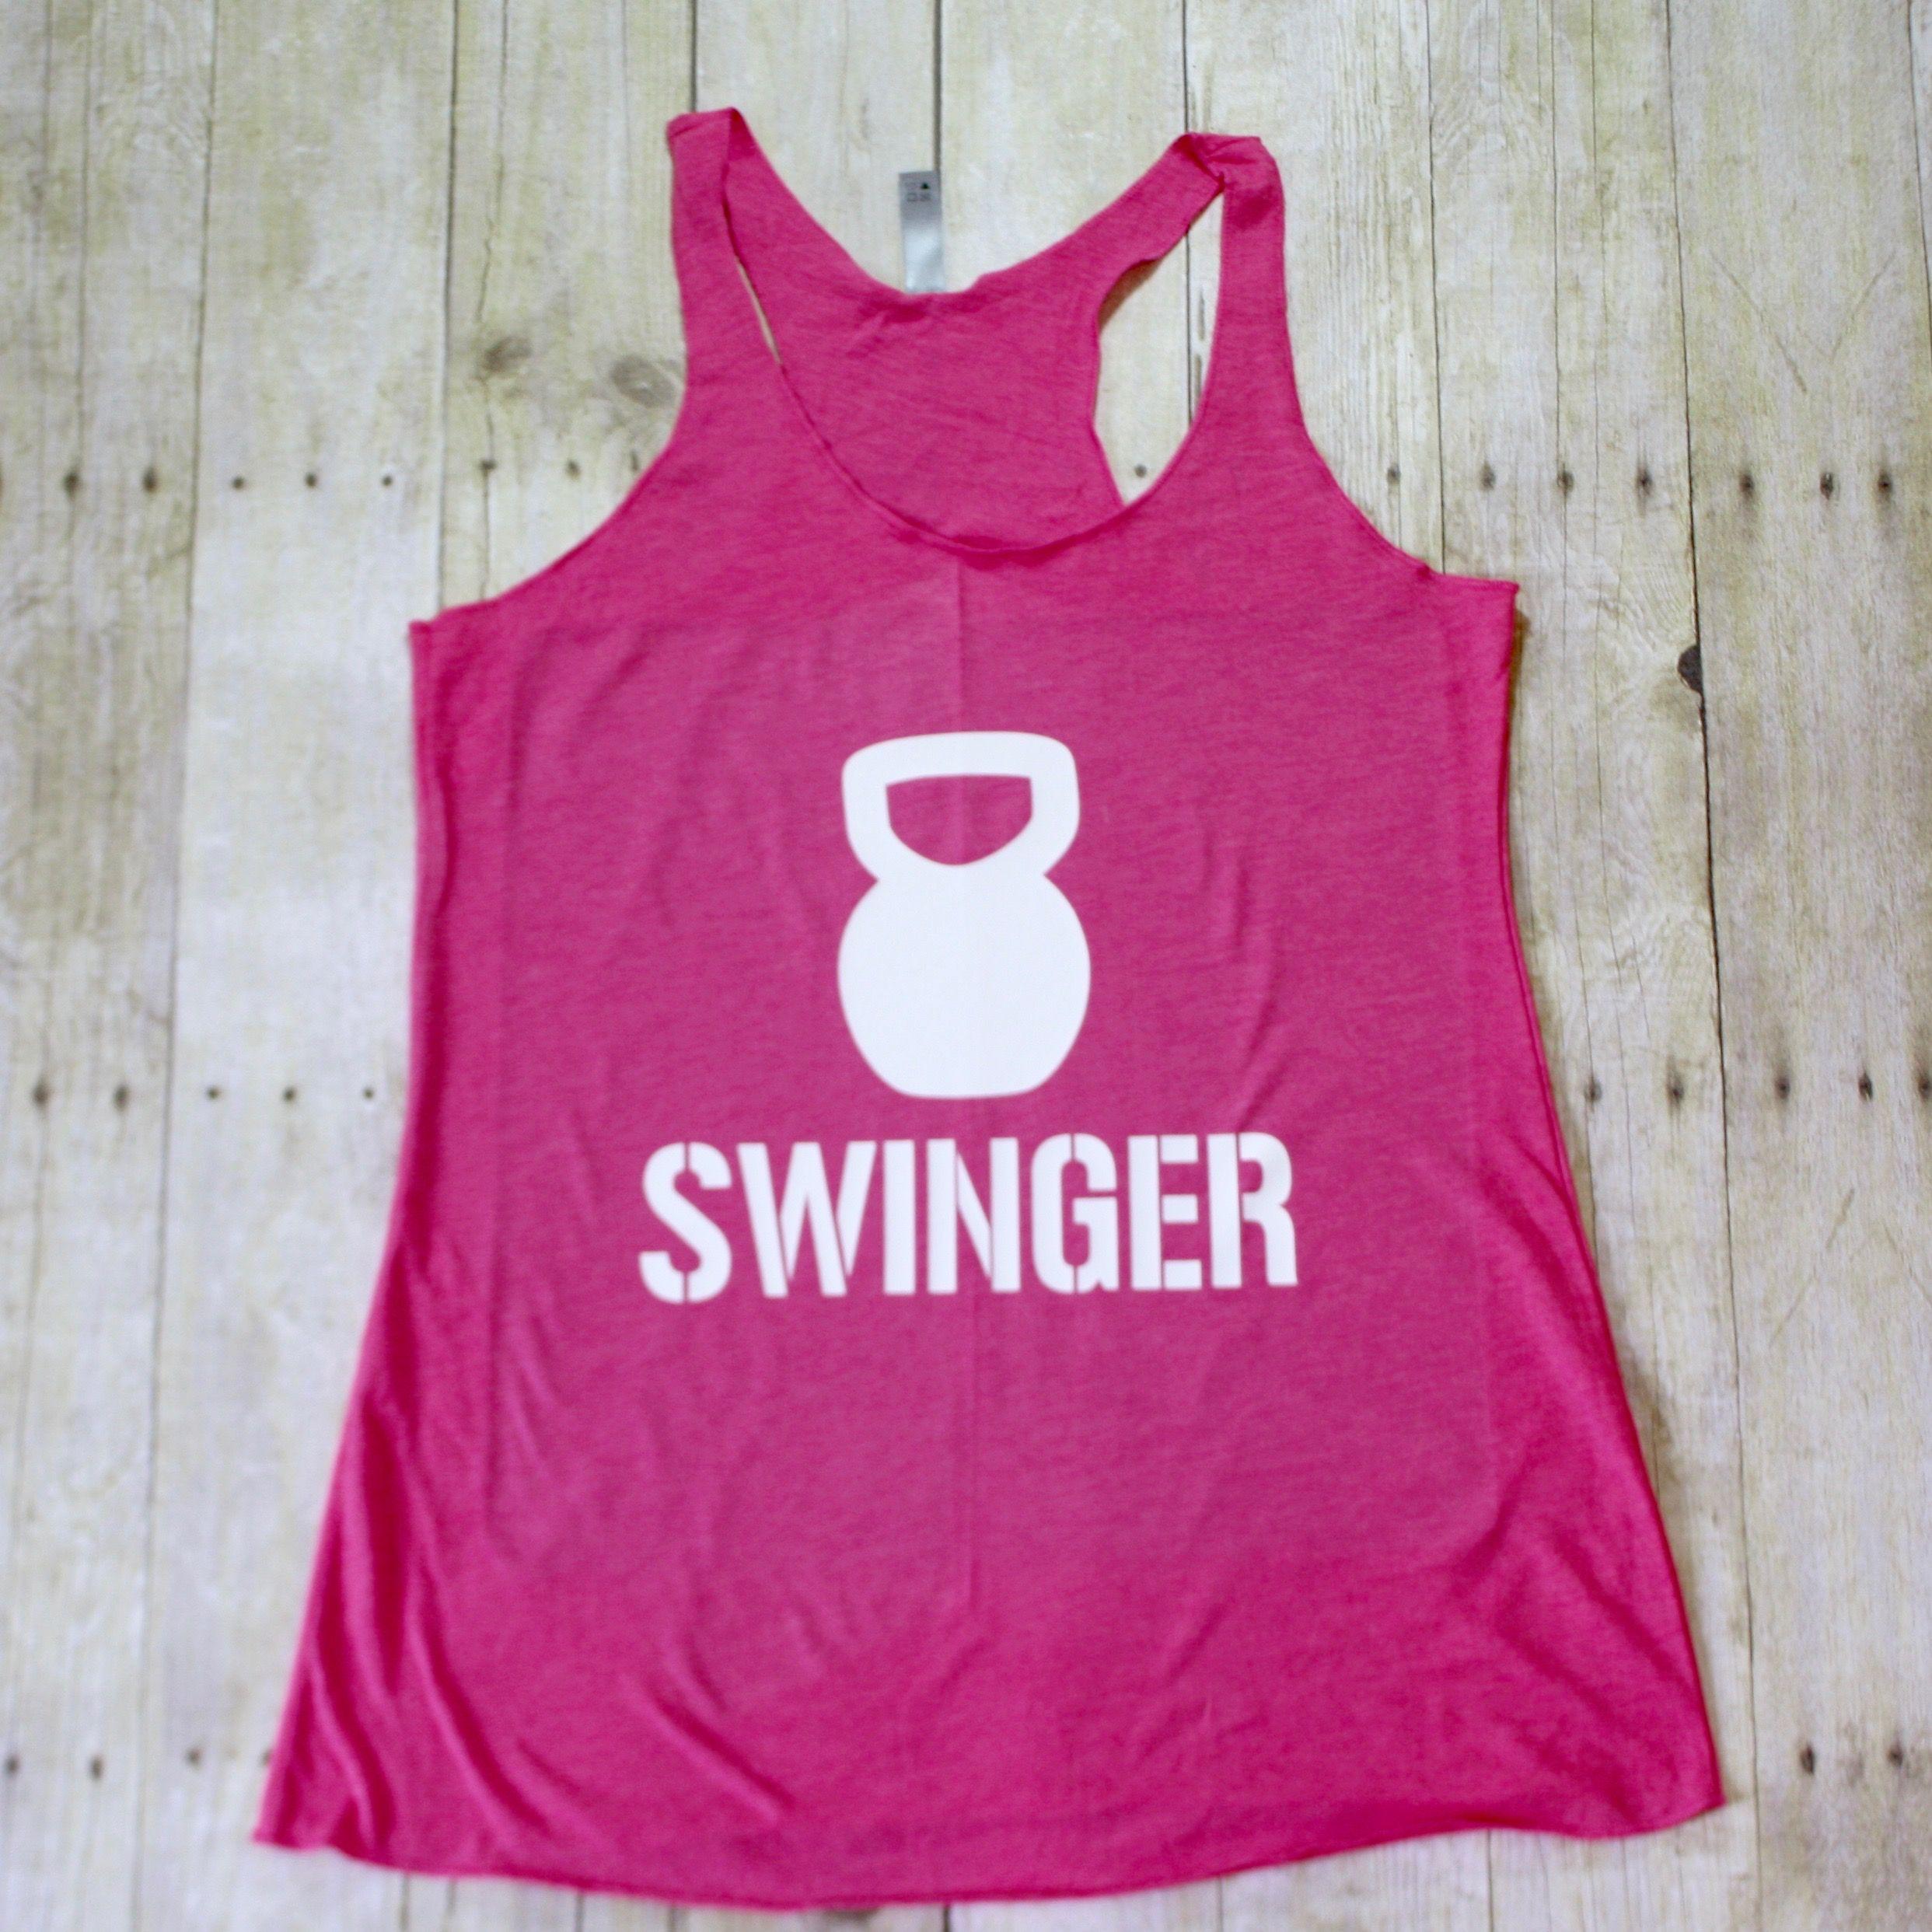 77e70d2f35d003 Kettle bell swinger funny exercise shirts